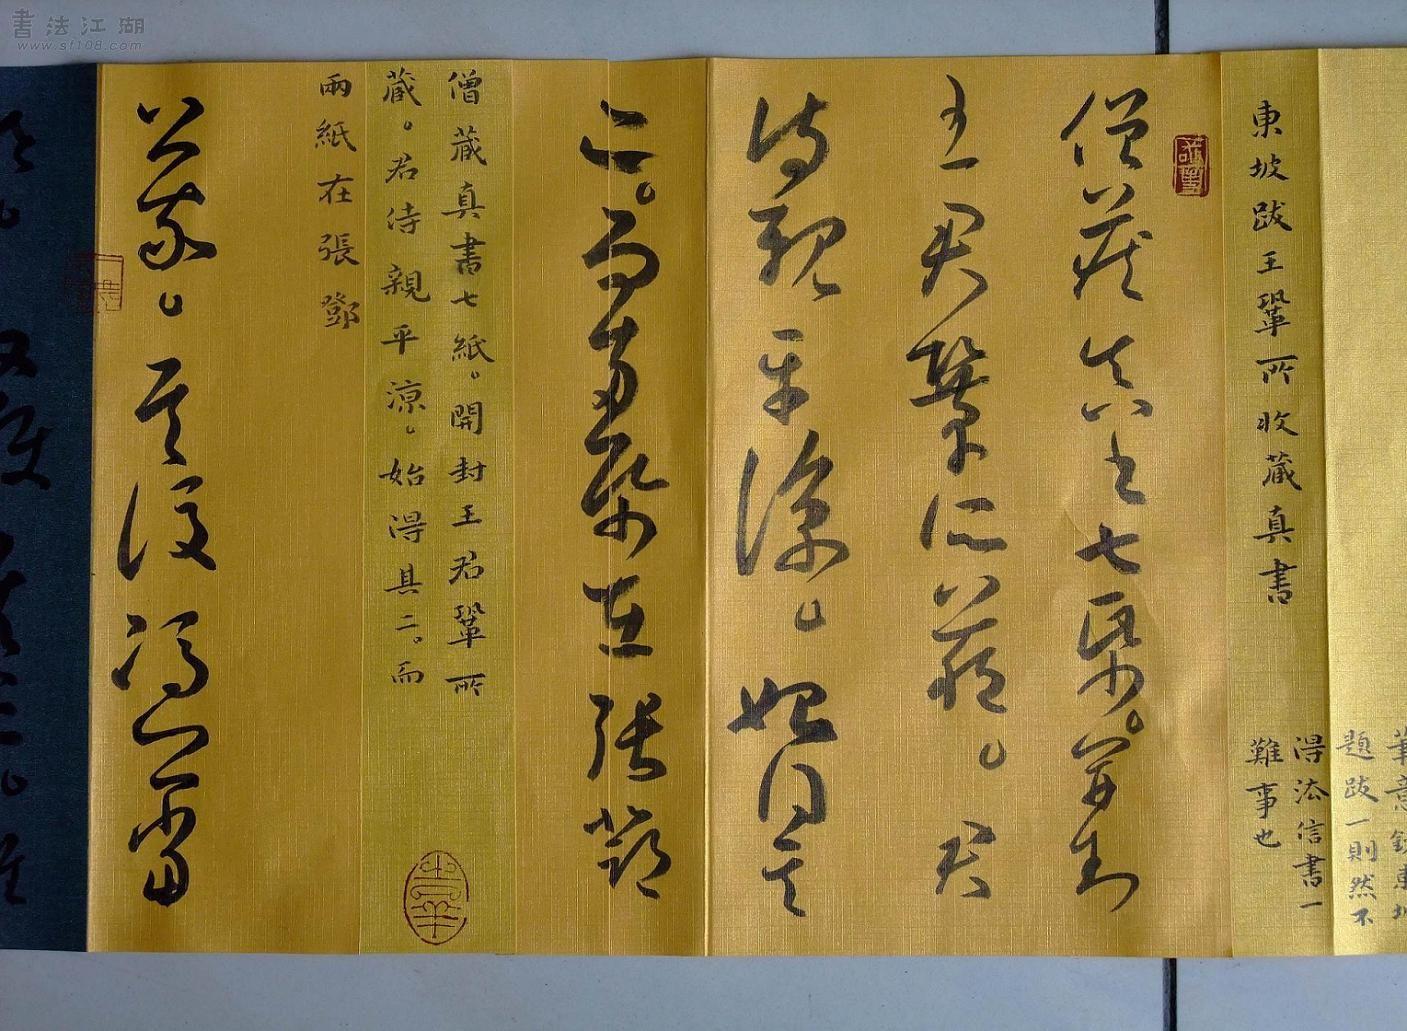 叶小勇书东坡跋文0910-05.jpg